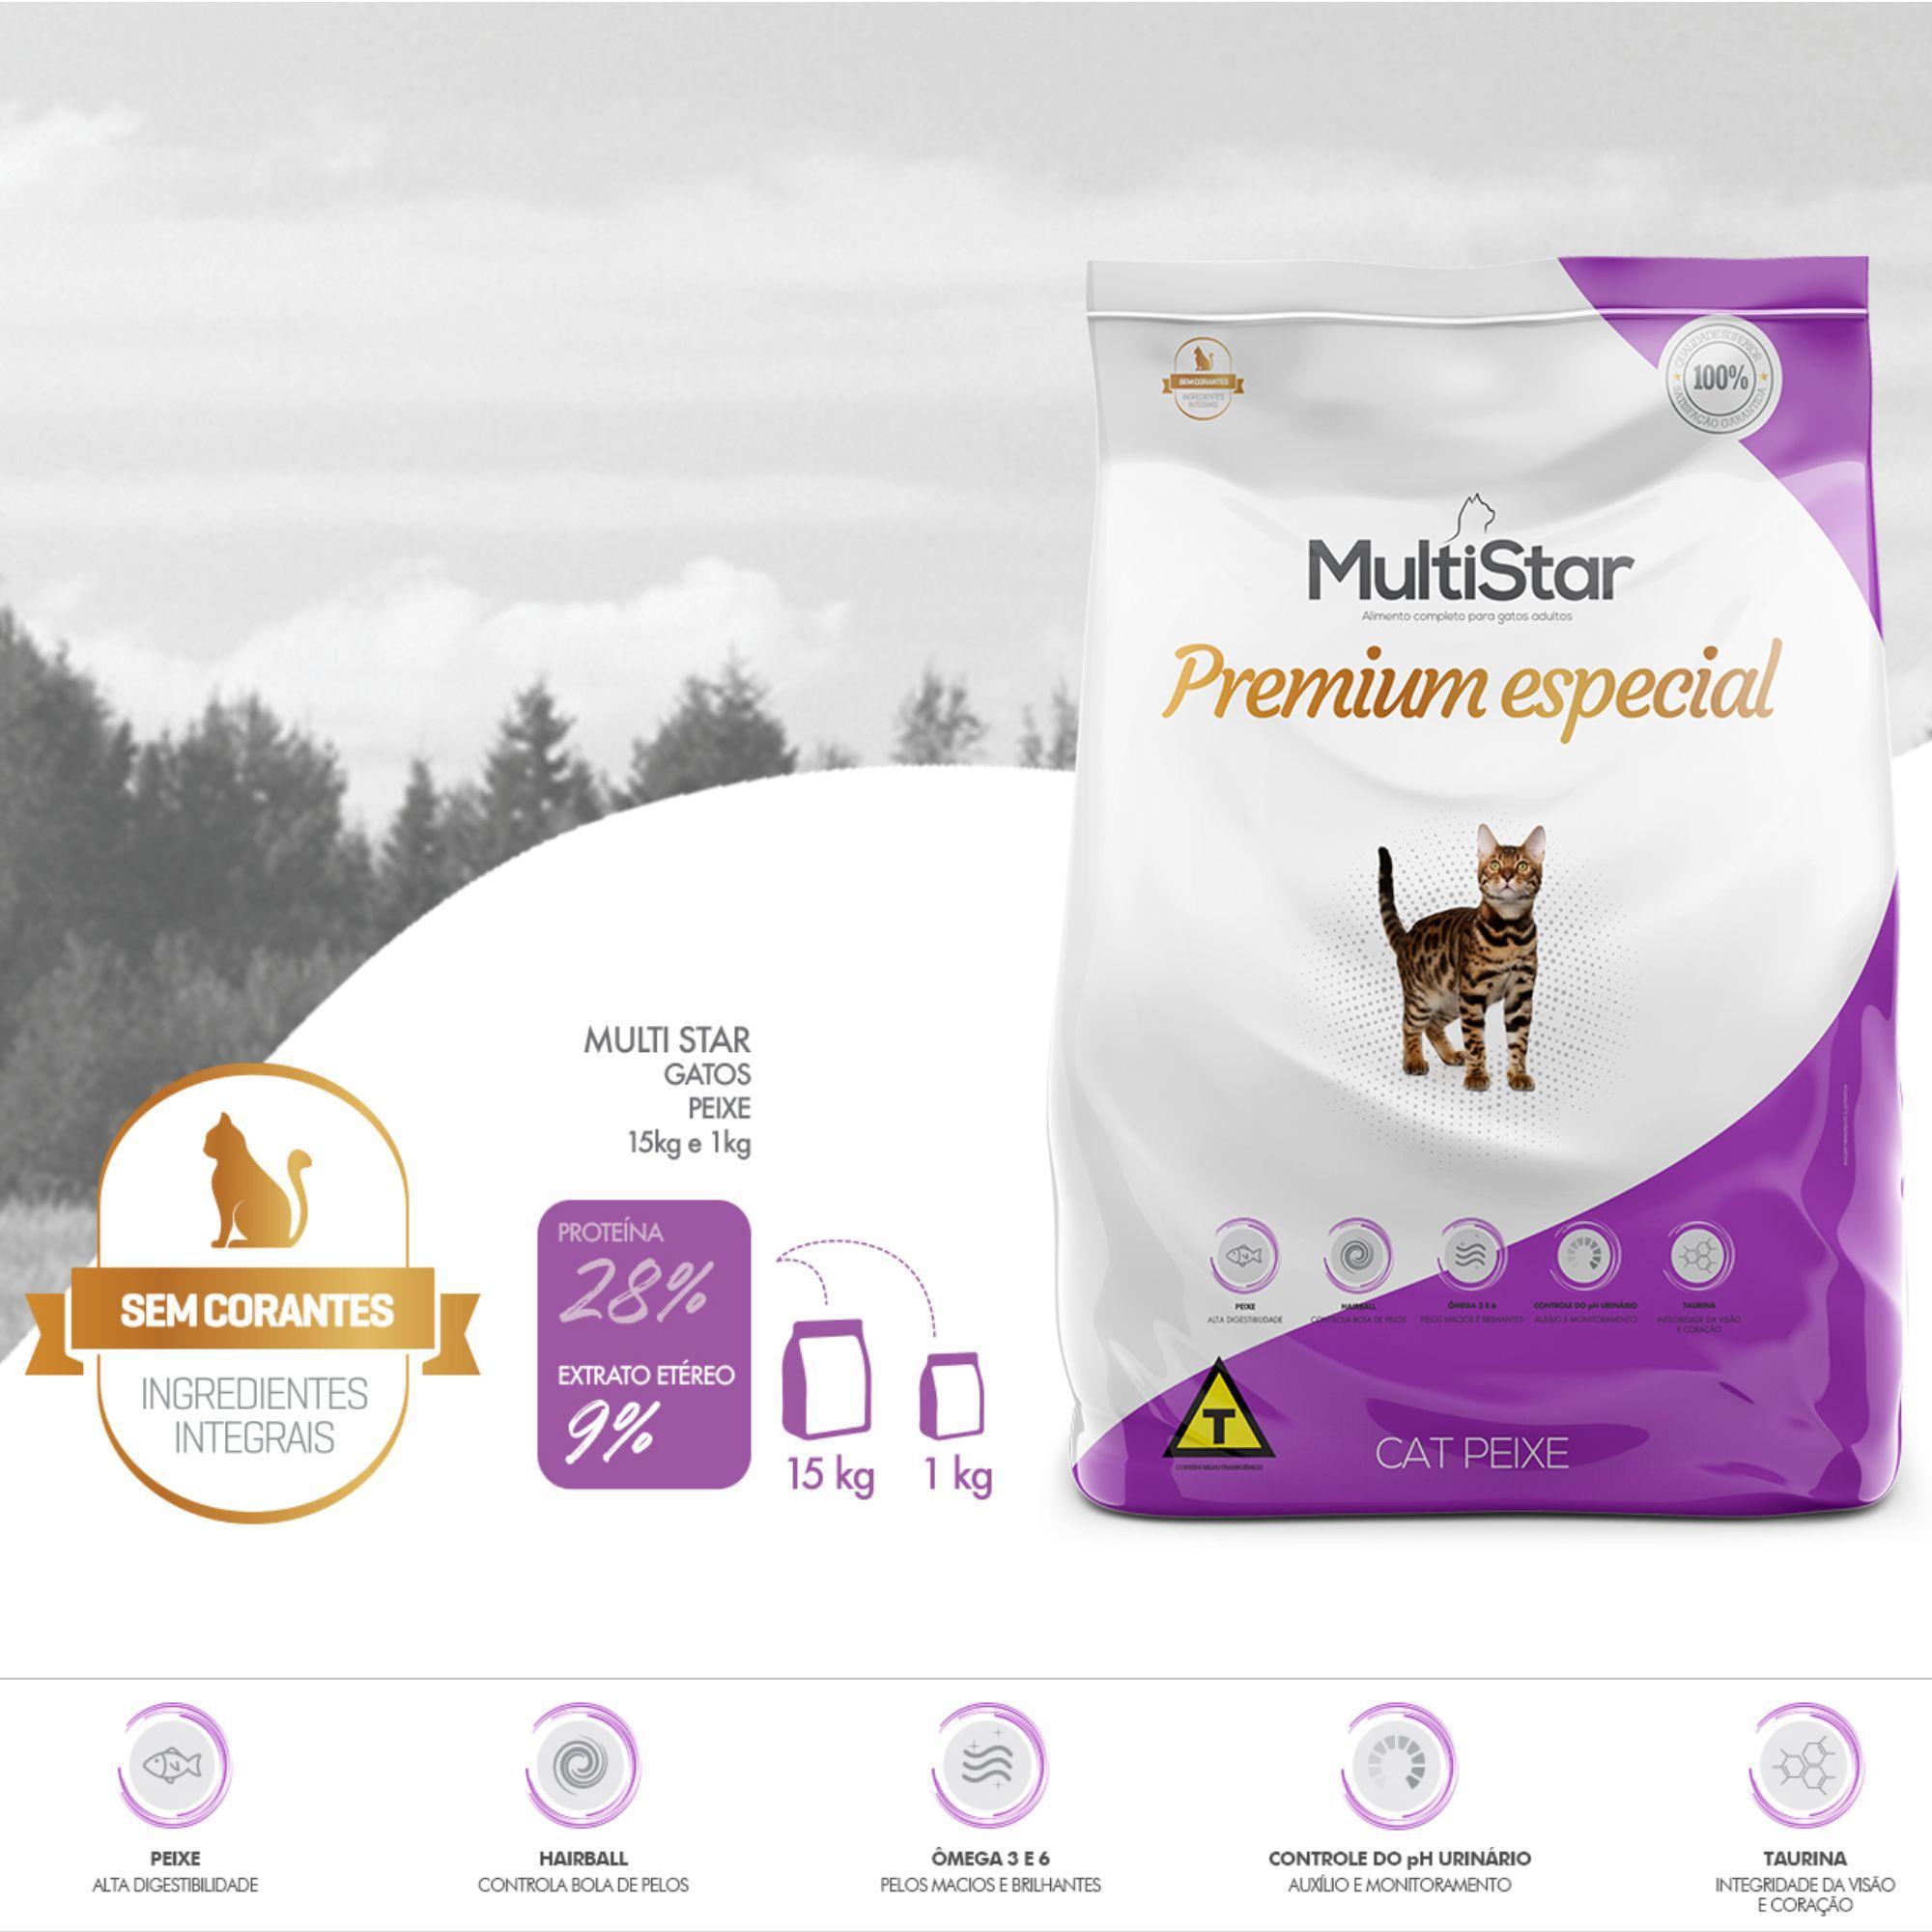 Ração Multi Star Cat Peixe Premium Special